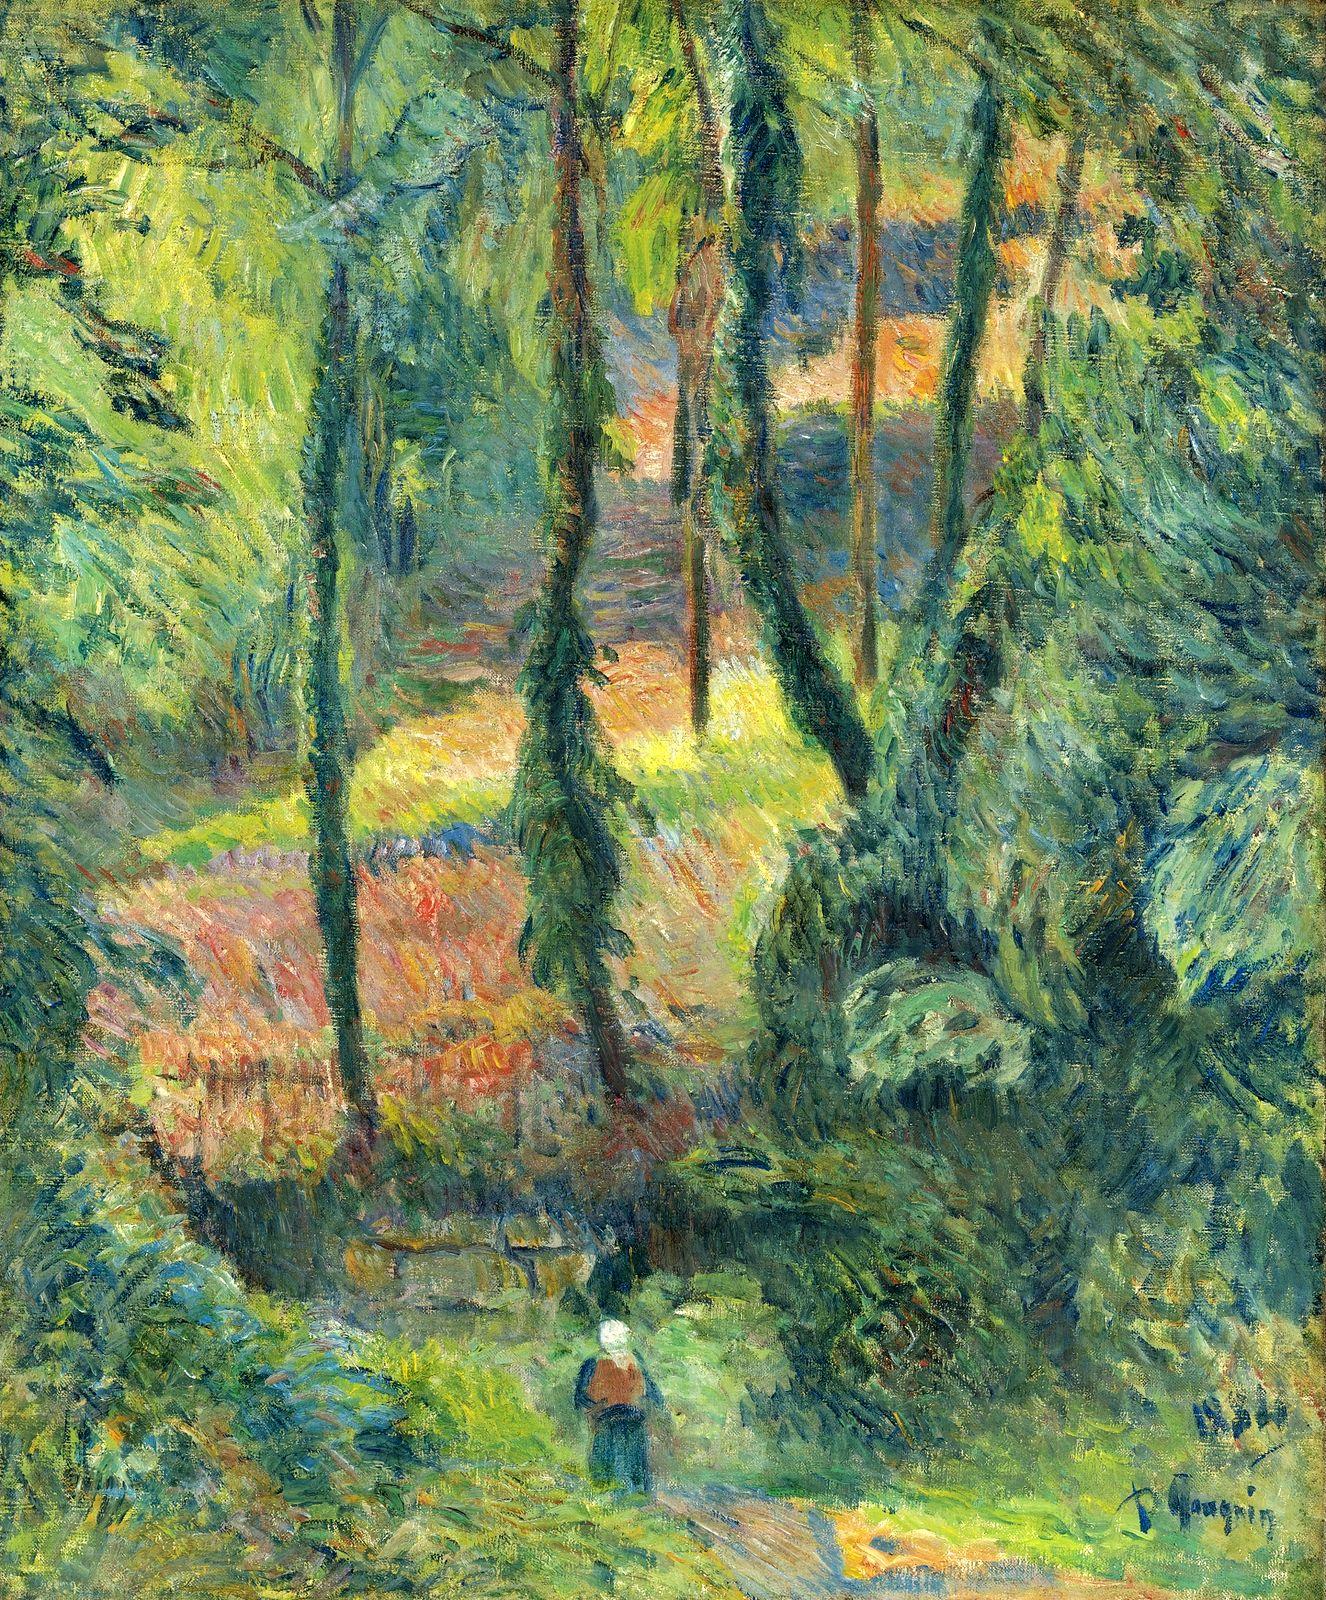 пейзаж < Затопленная тропа >  :: Поль Гоген [ живопись постимпрессионизм ] - Гоген Поль ( Paul Gauguin ) фото